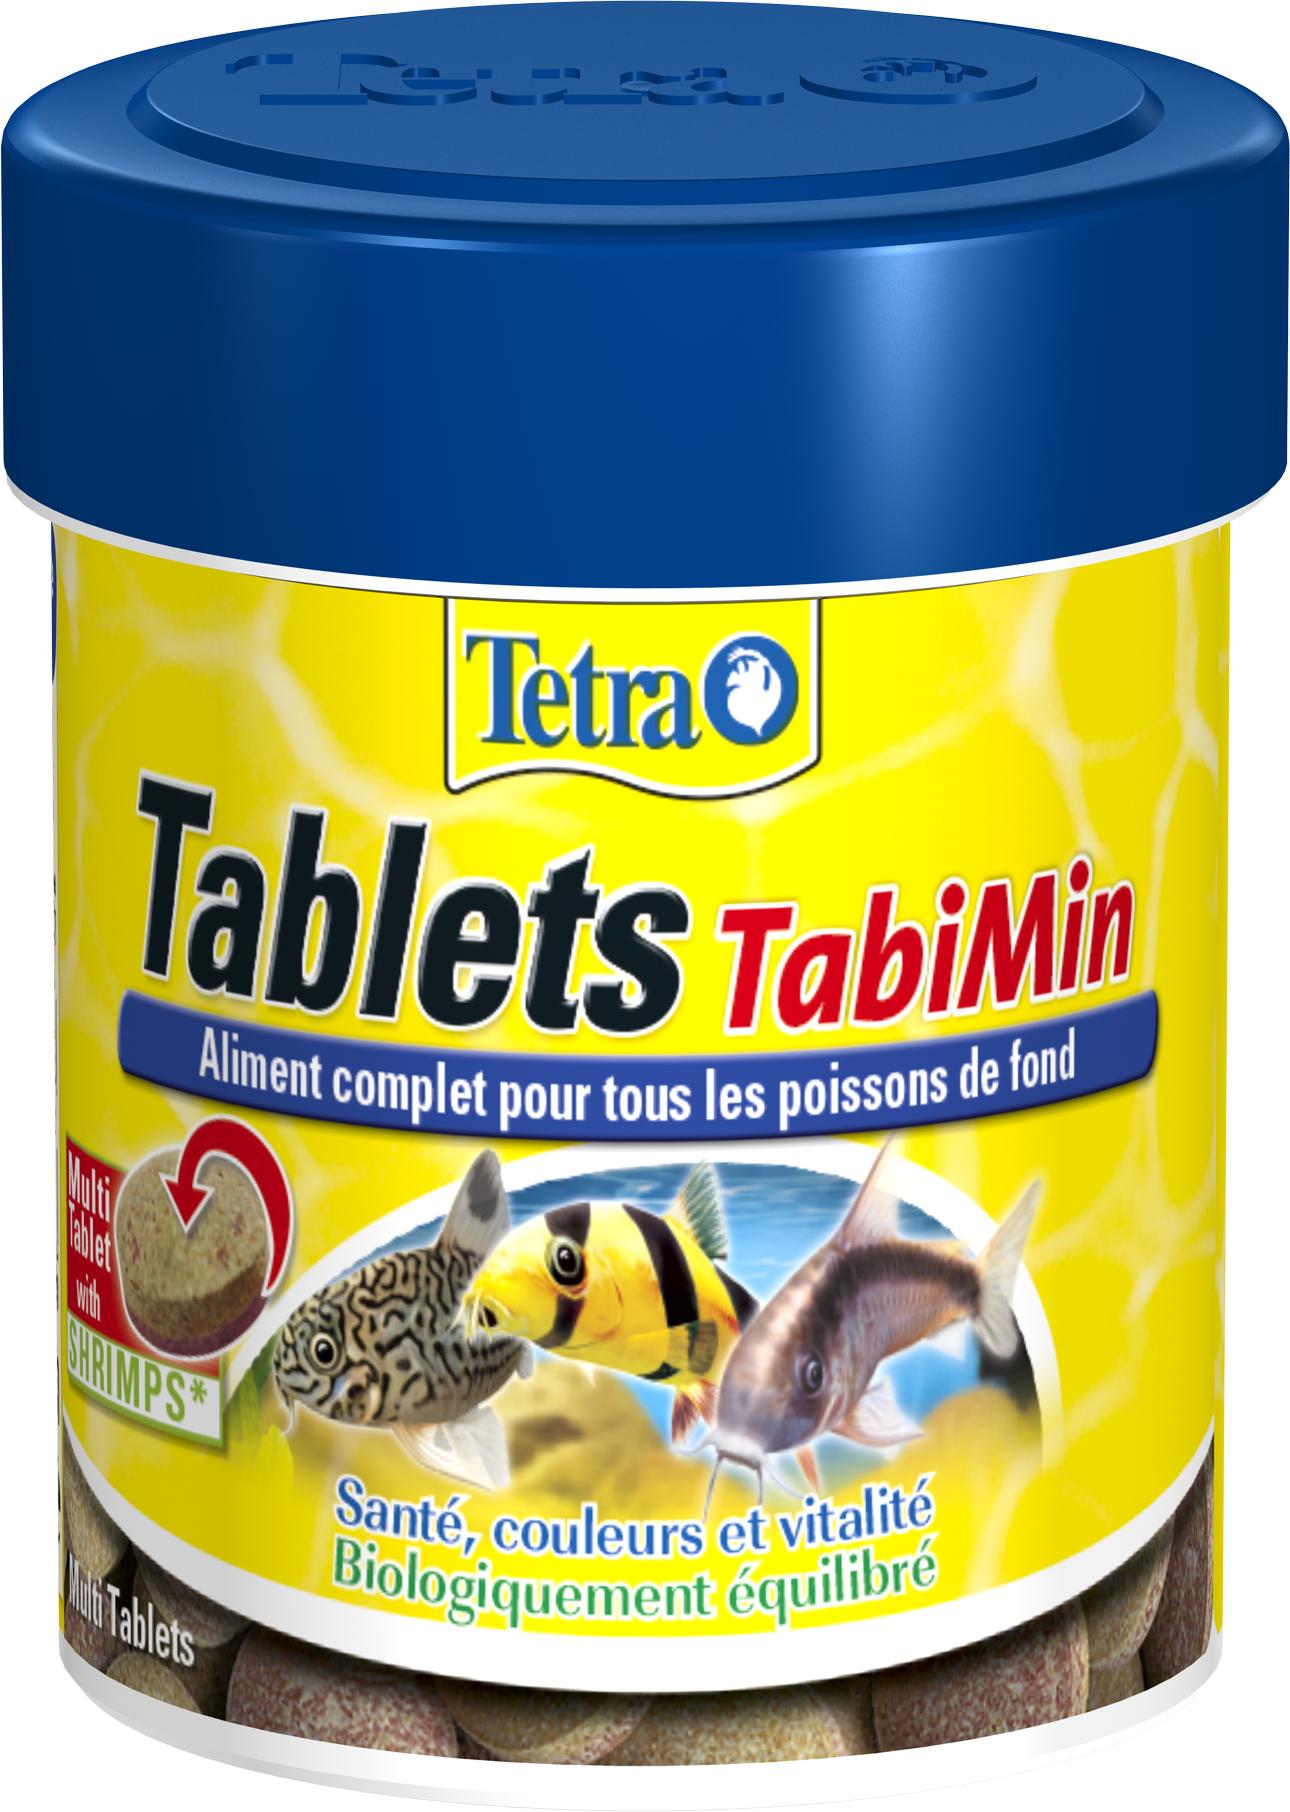 TETRA Tablets TabiMin 66 ml est un aliment complet en tablettes pour tous les poissons de fond